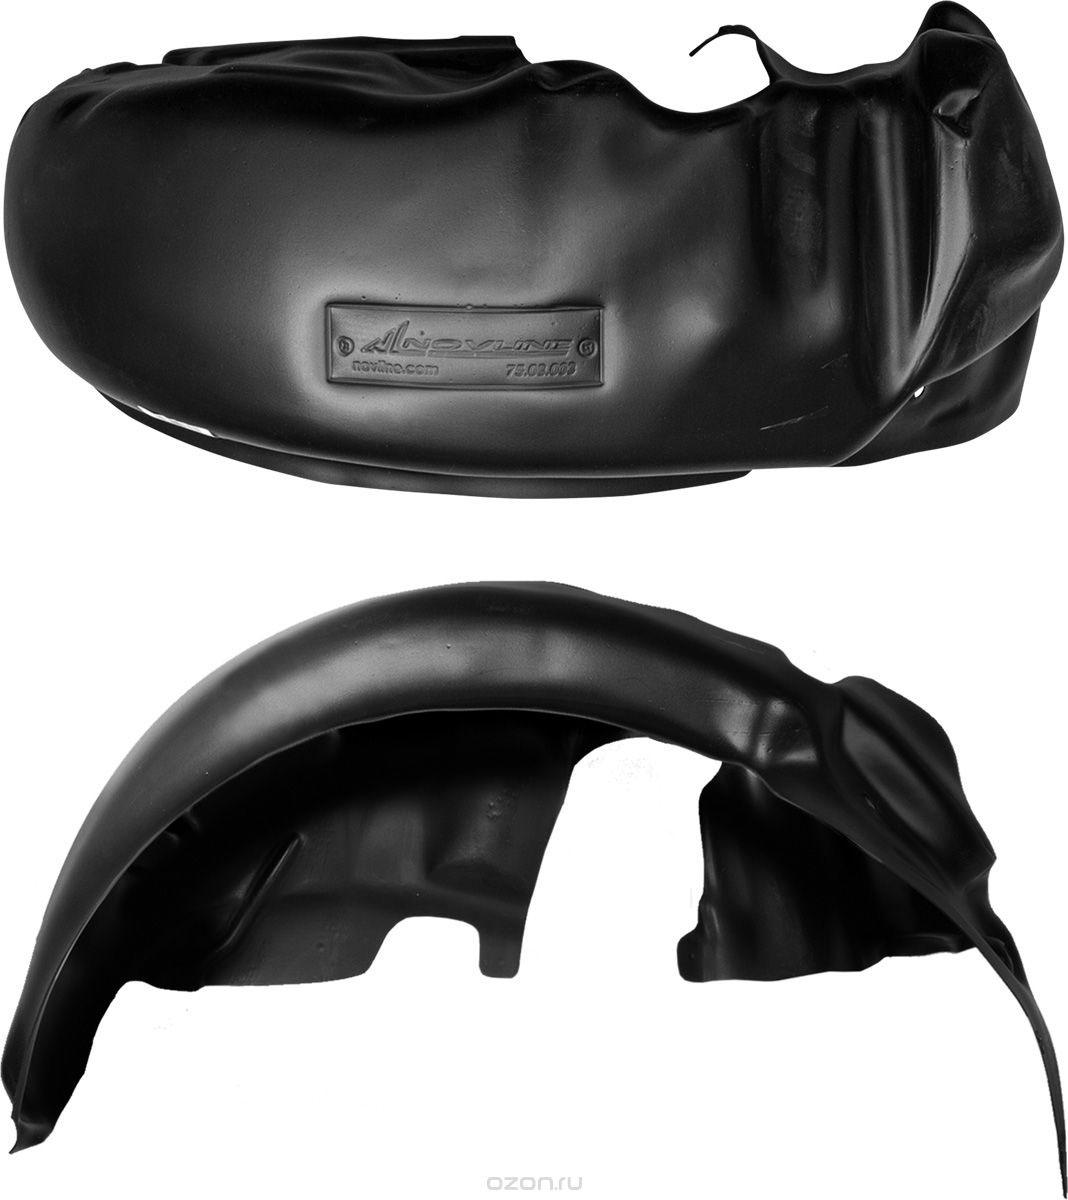 Подкрылок Novline-Autofamily, для Skoda Yeti, 2014->, задний правыйNLL.45.04.004Идеальная защита колесной ниши. Локеры разработаны с применением цифровых технологий, гарантируют максимальную повторяемость поверхности арки. Изделия устанавливаются без нарушения лакокрасочного покрытия автомобиля, каждый подкрылок комплектуется крепежом. Уважаемые клиенты, обращаем ваше внимание, что фотографии на подкрылки универсальные и не отражают реальную форму изделия. При этом само изделие идет точно под размер указанного автомобиля.